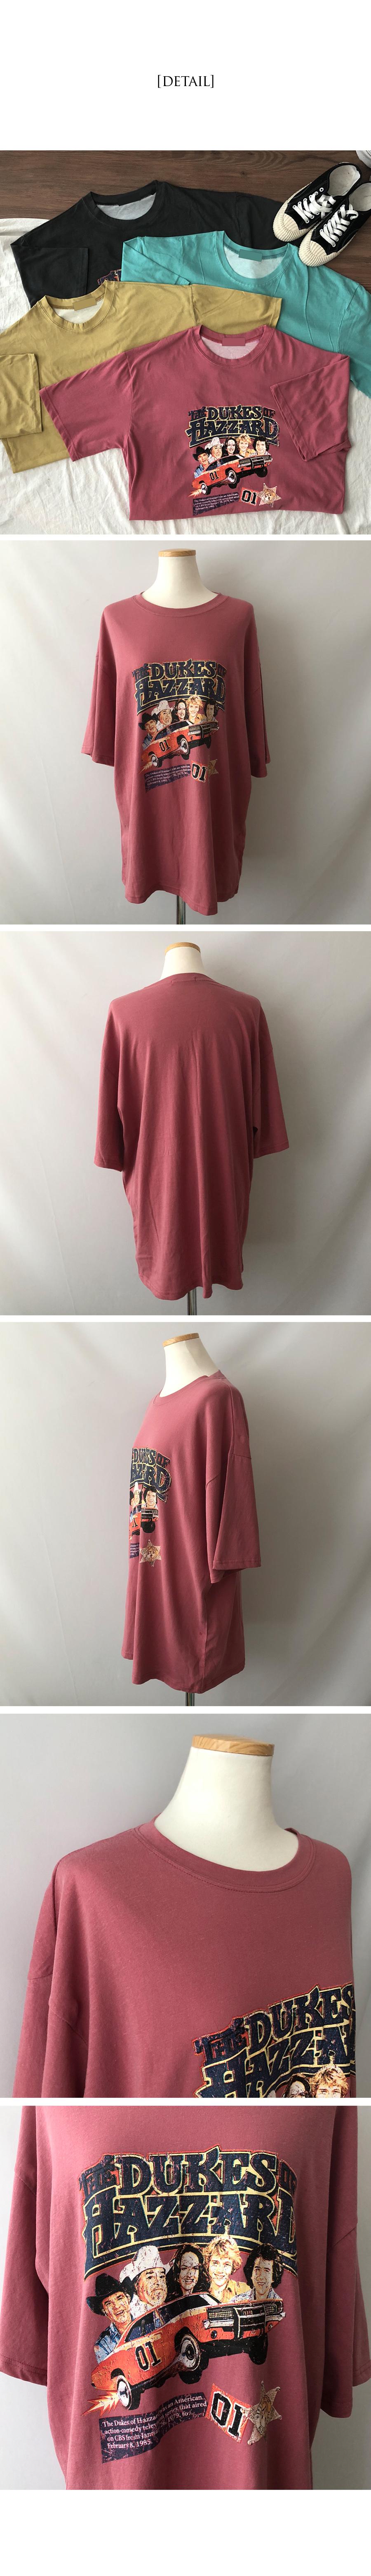 Vintage Duke Box T-Shirt